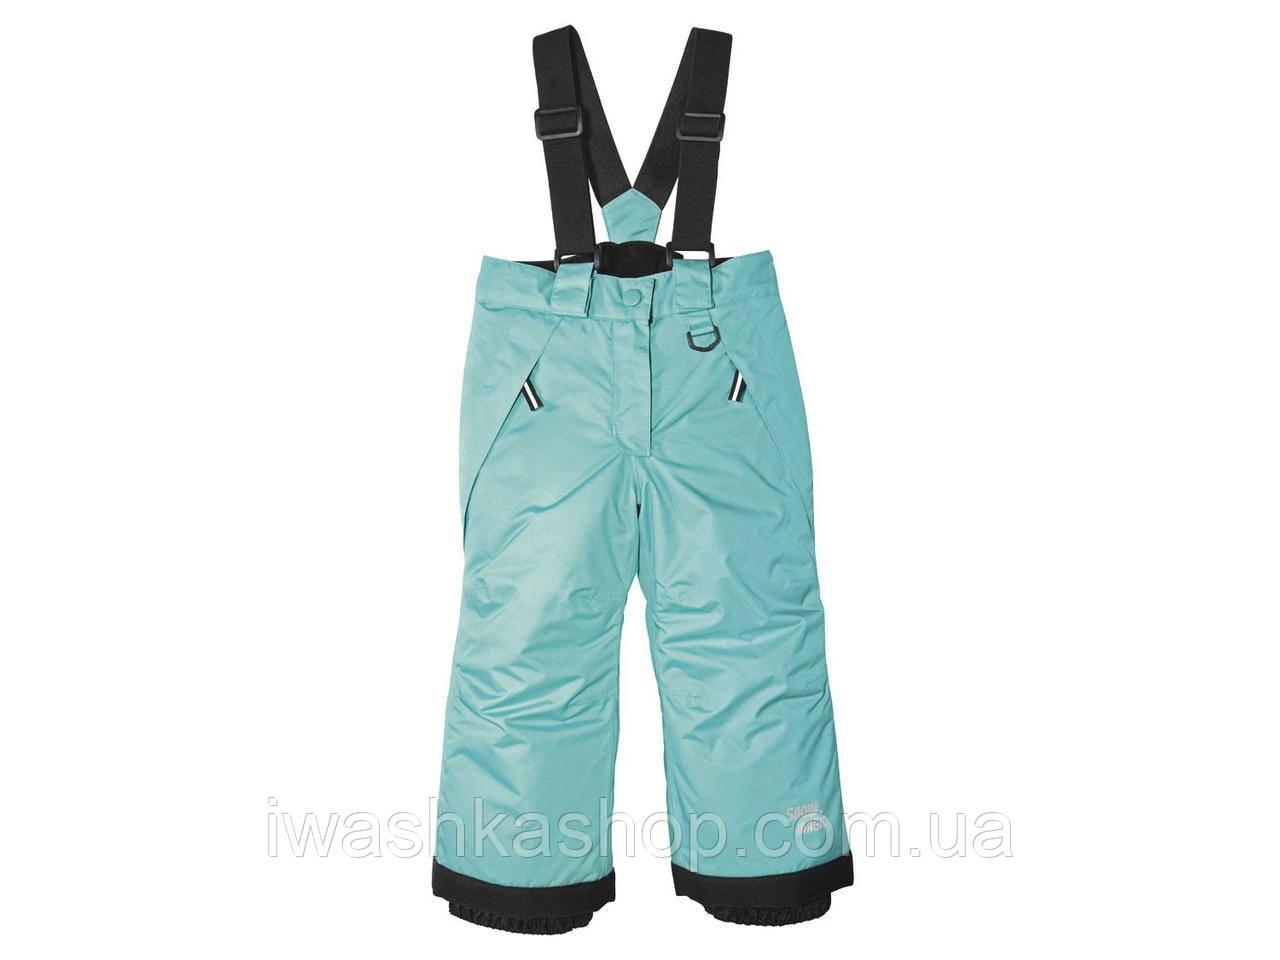 Зимові термо штани на дівчаток 12 - 24 місяця, р. 86 - 92, Lupilu